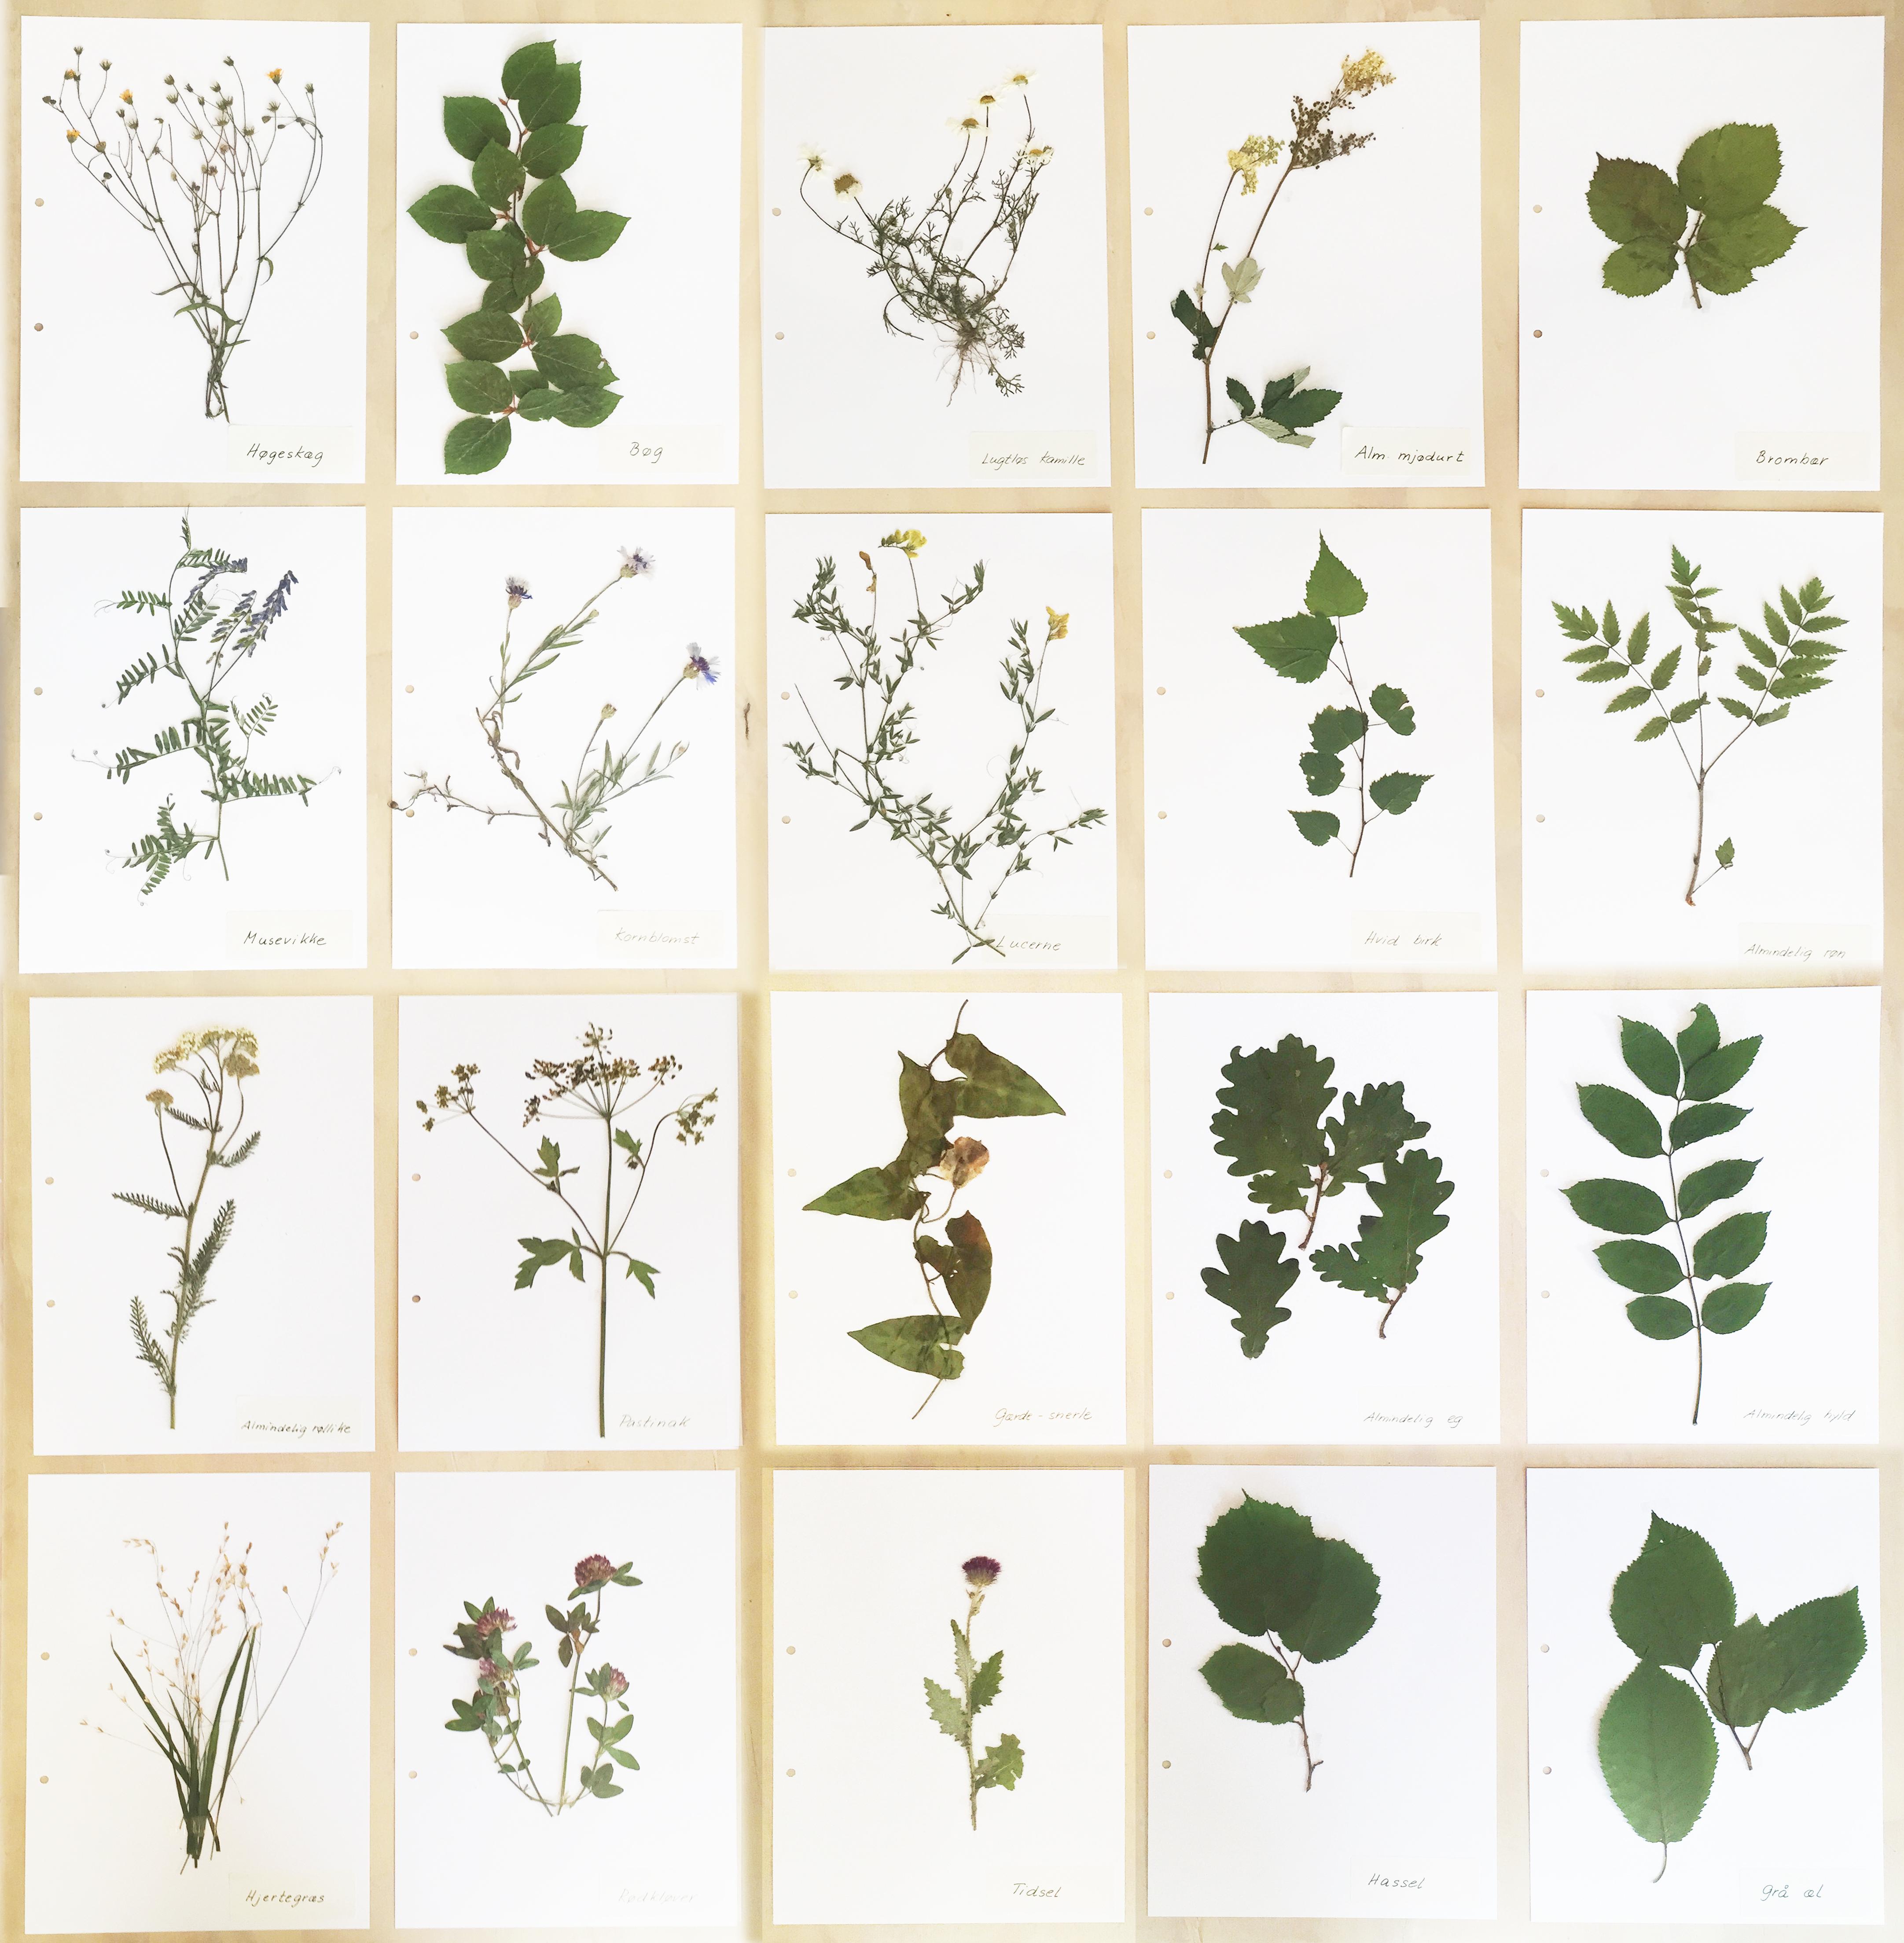 herbarium_samlet-endelig